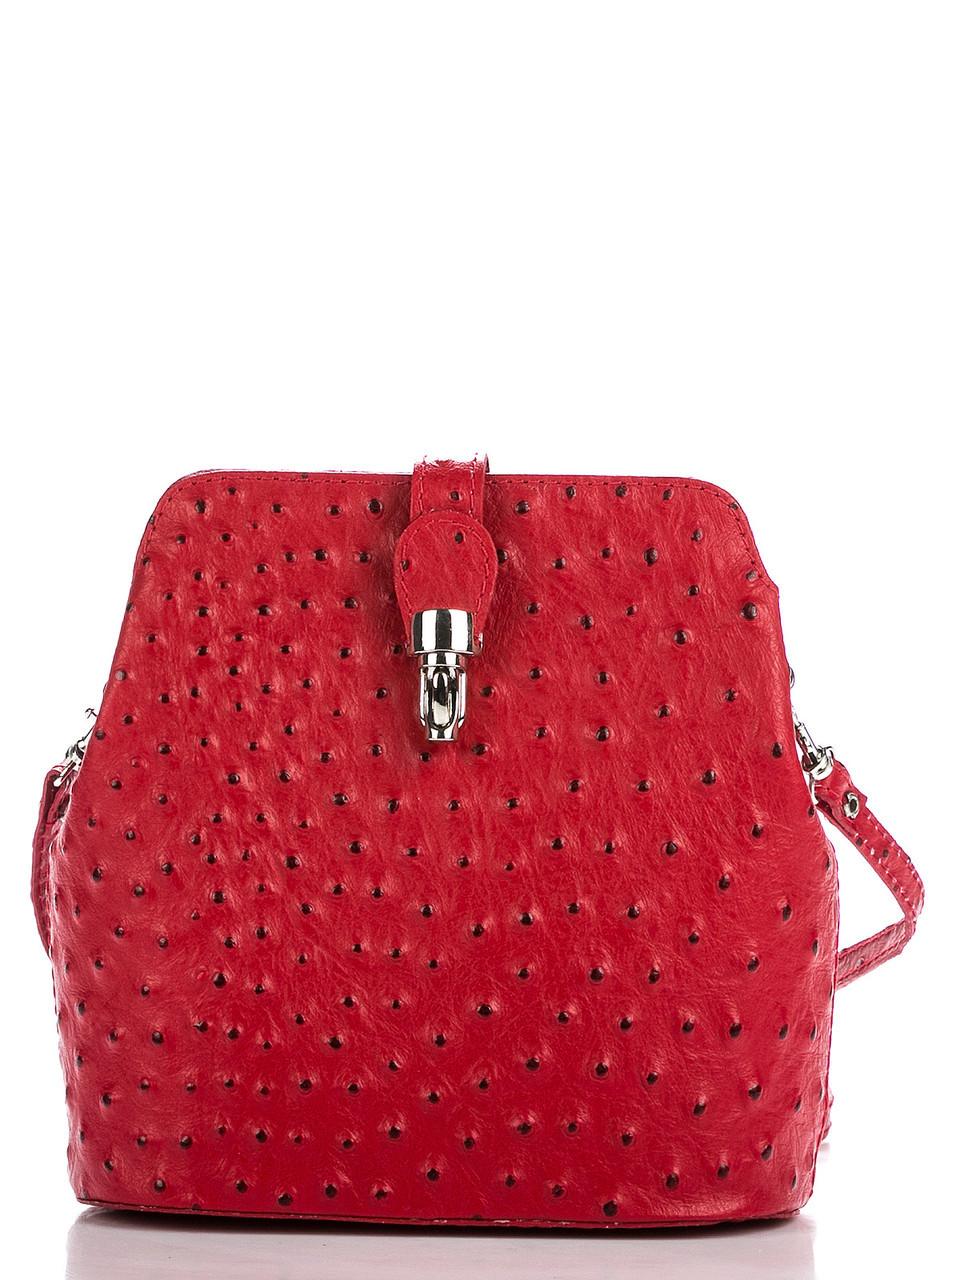 Стильная женская кожаная сумка INES Diva's Bag цвет красный